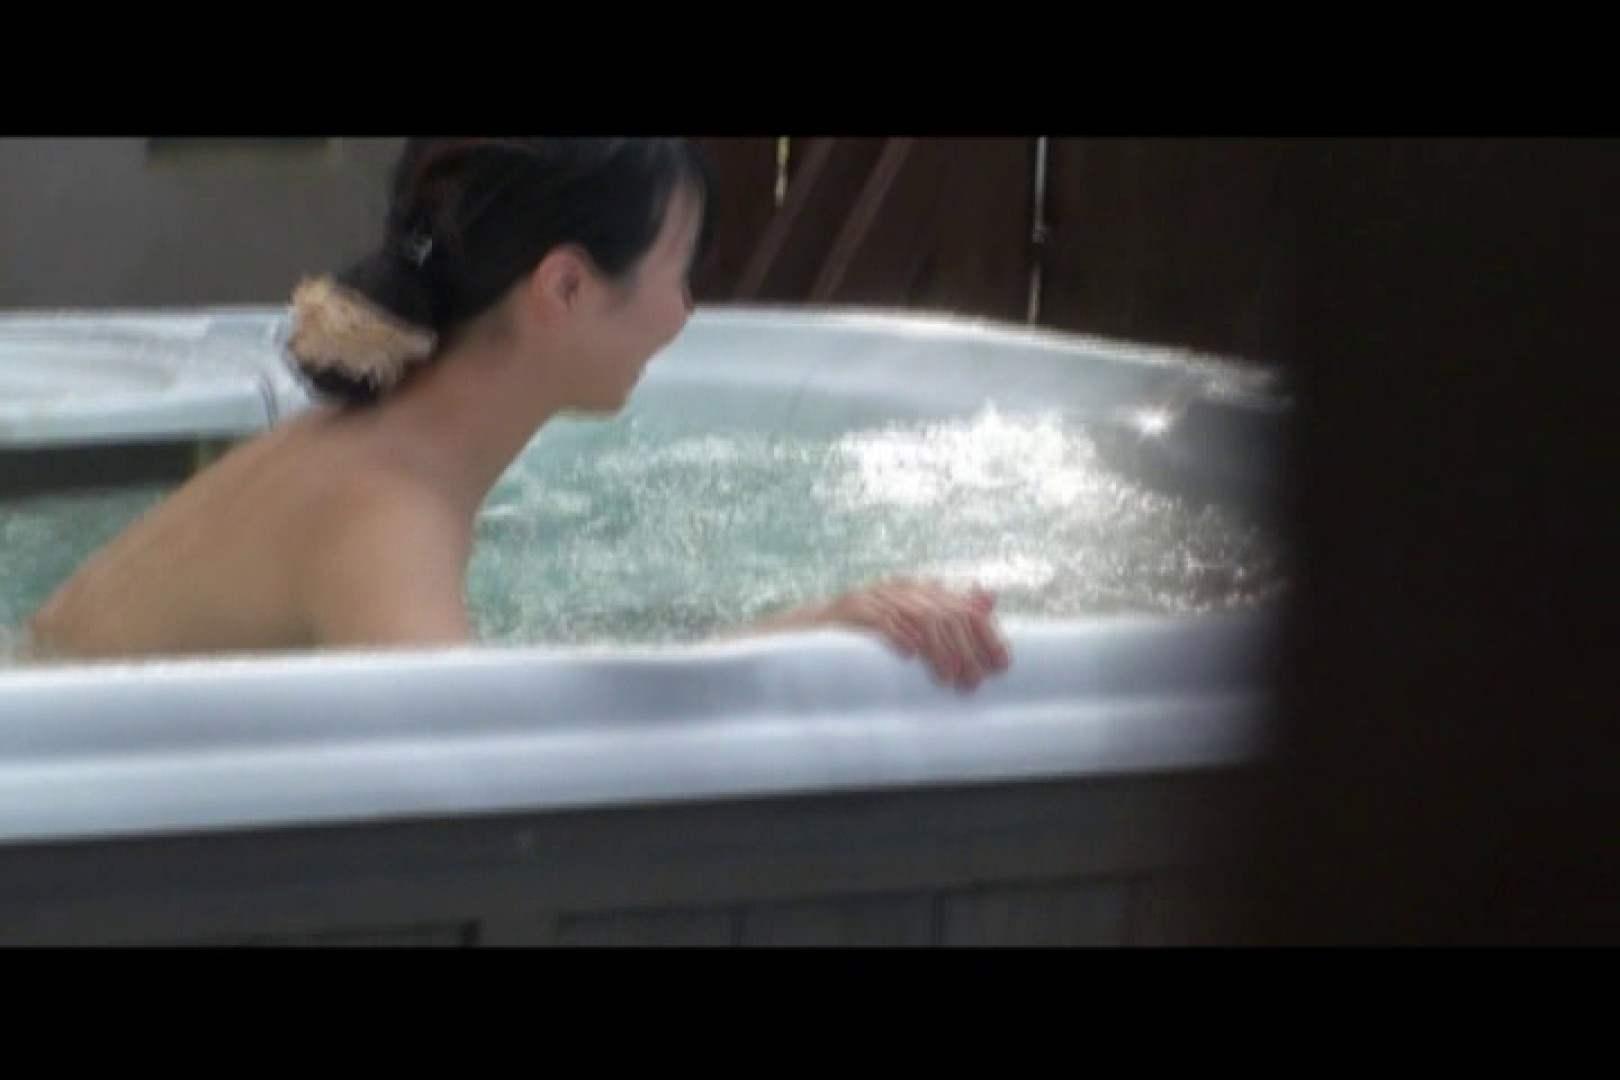 貸切露天 発情カップル! vol.07 露天風呂の女達   カップルのセックス  100連発 93